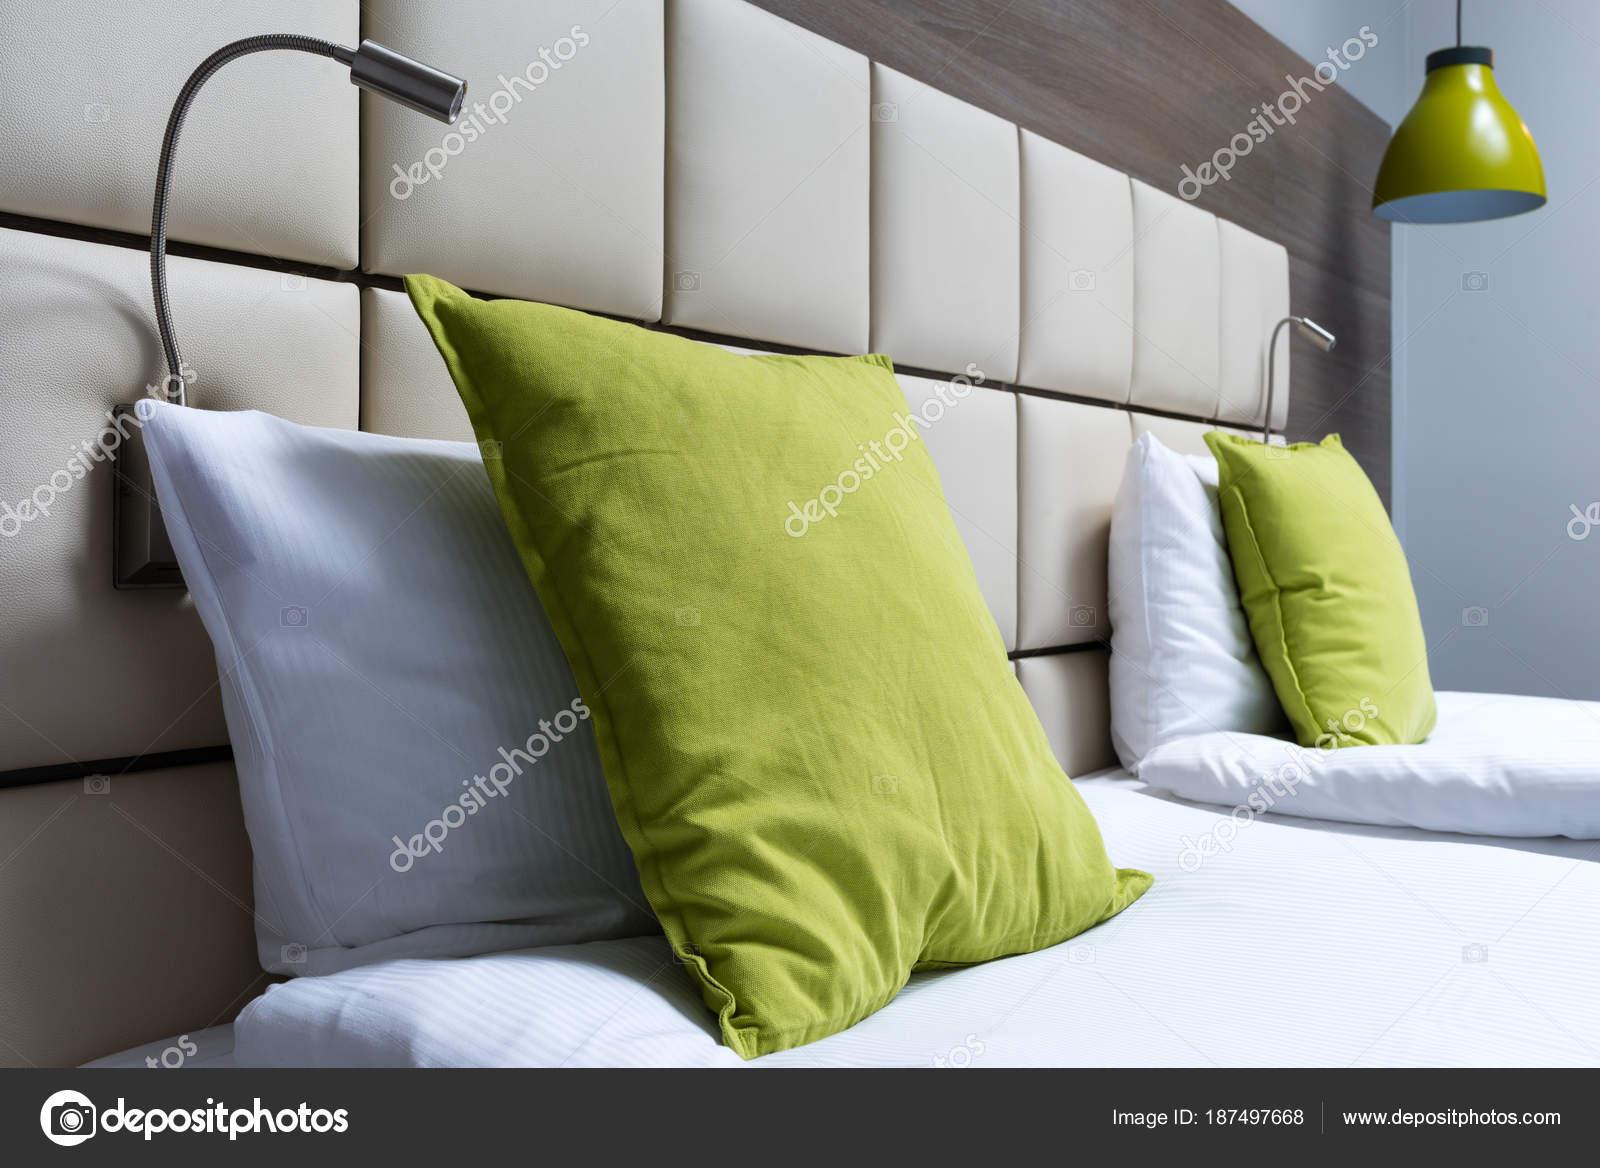 coussin vert lecture lampes et tete de lit en cuir dans la chambre a coucher moderne image de bubutu